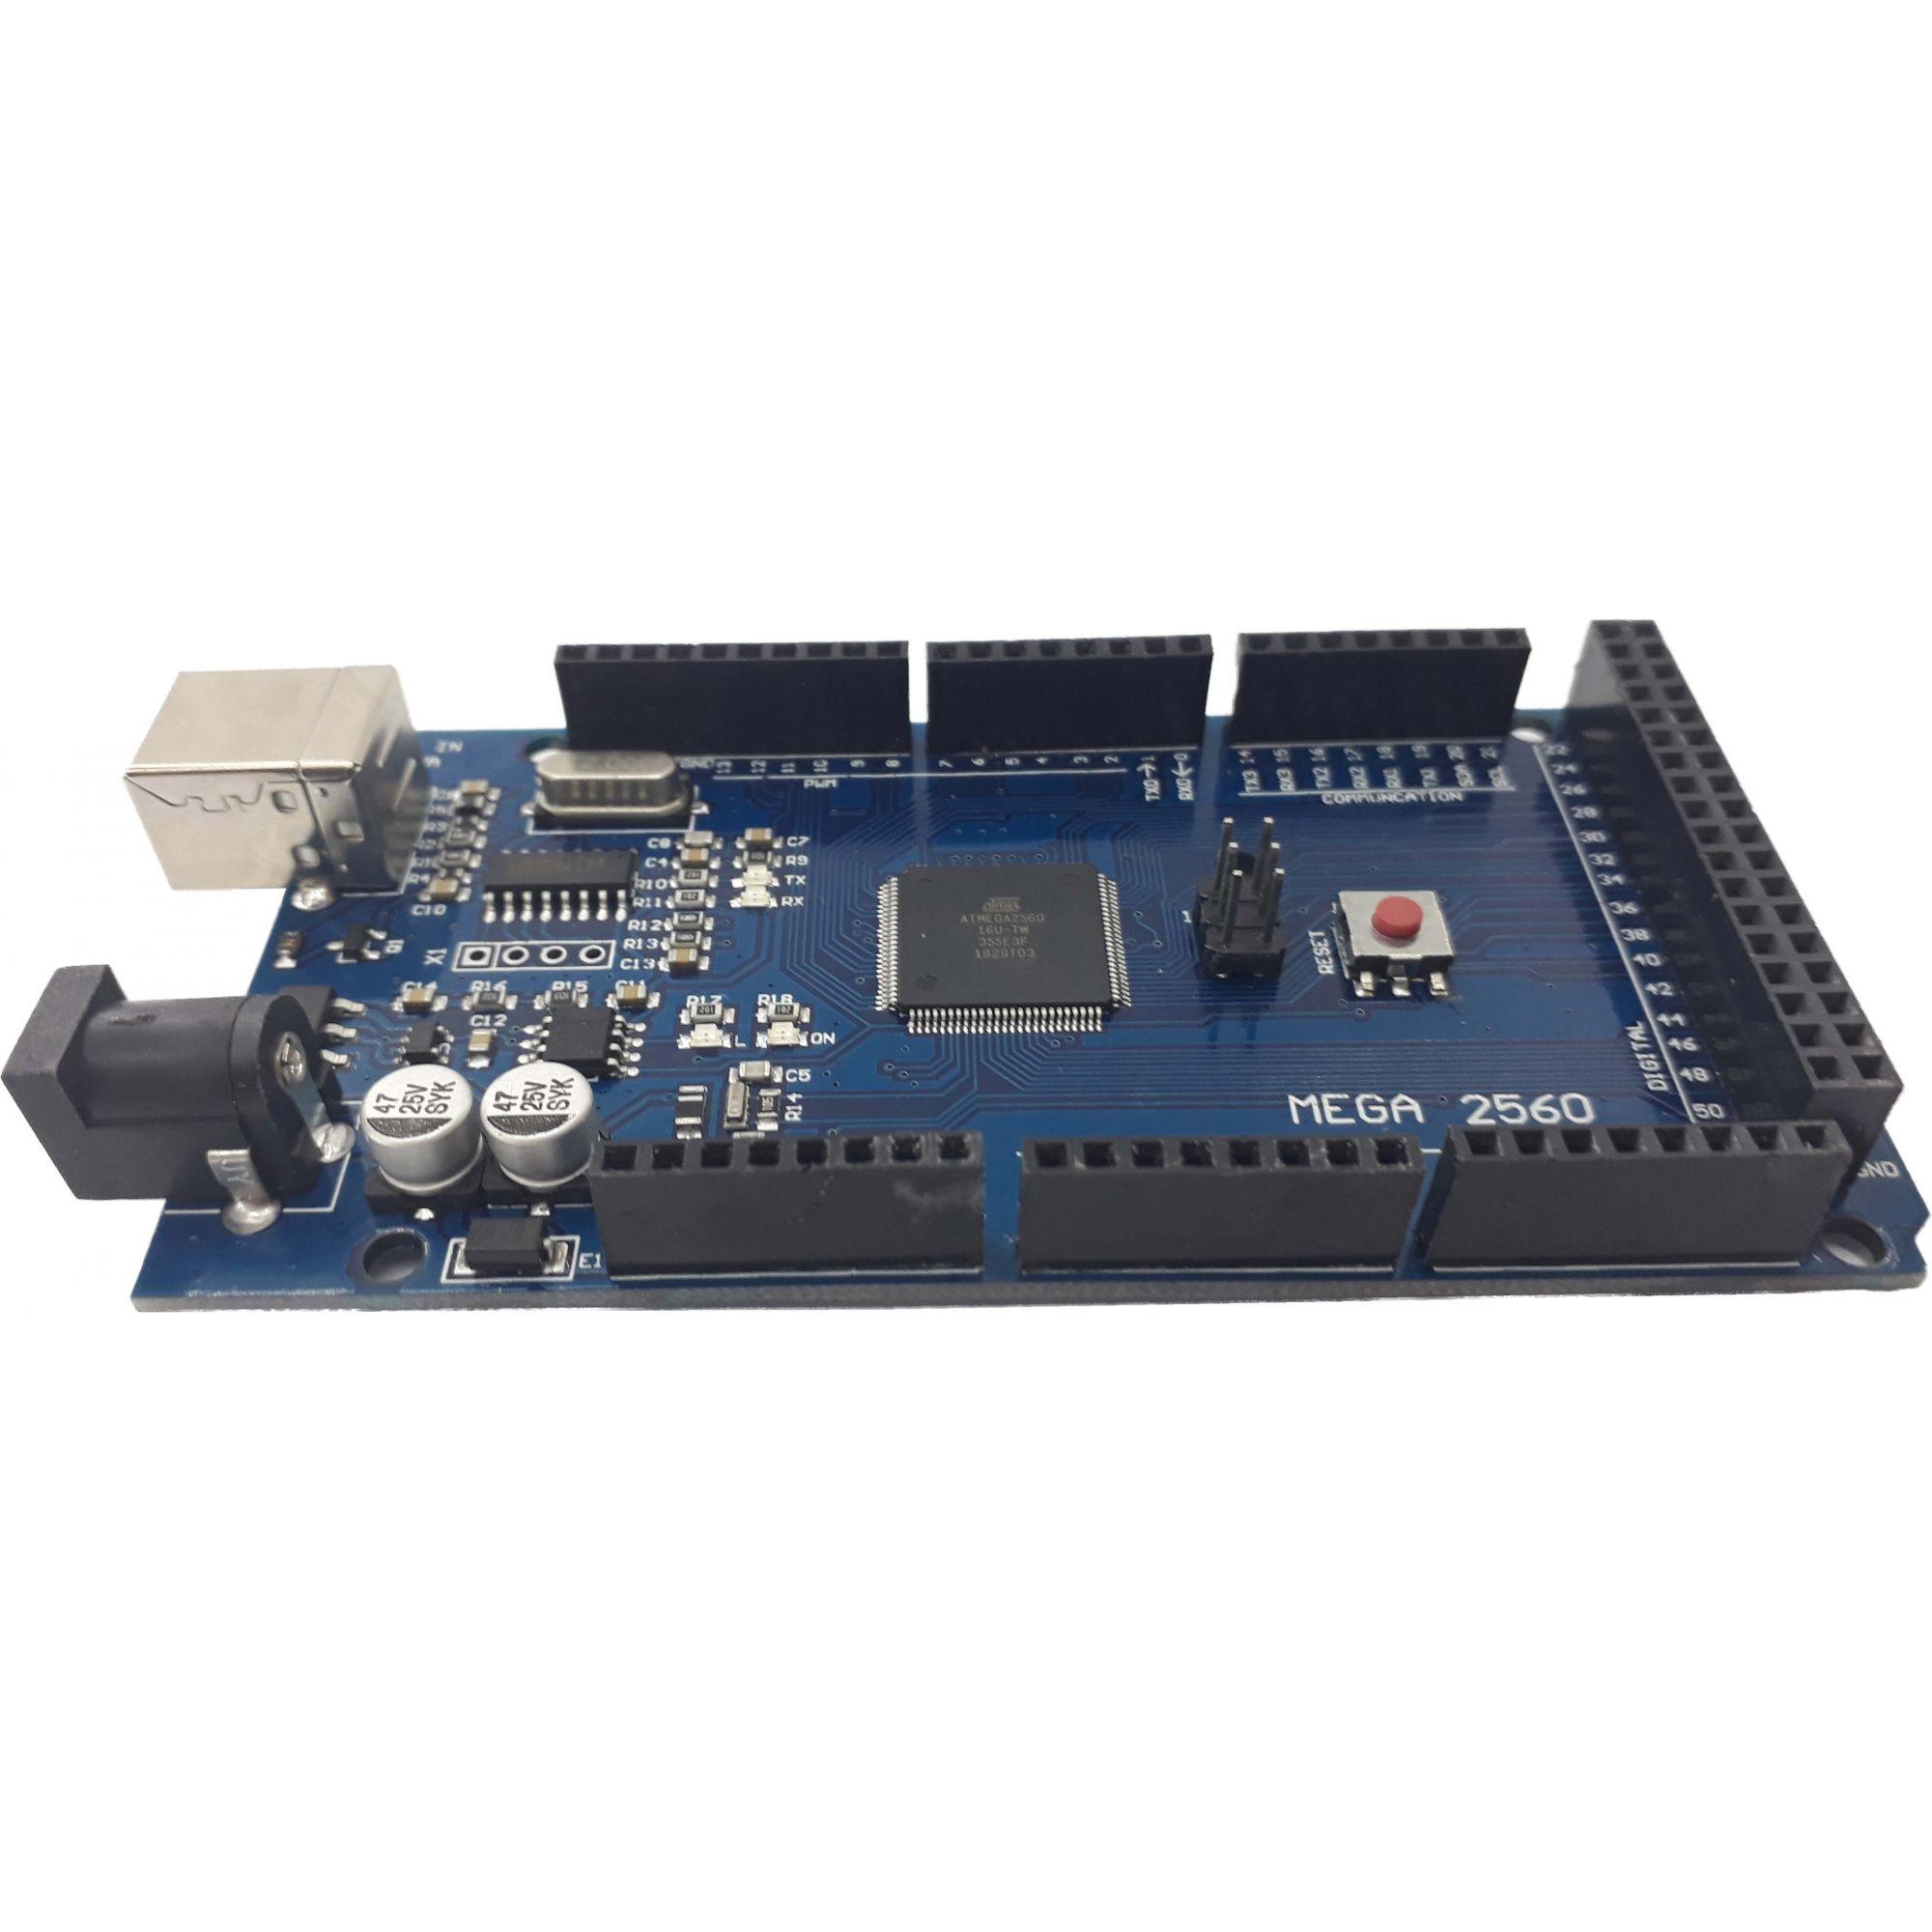 Placa mega ch340G com Cabo USB (compatível com arduino)